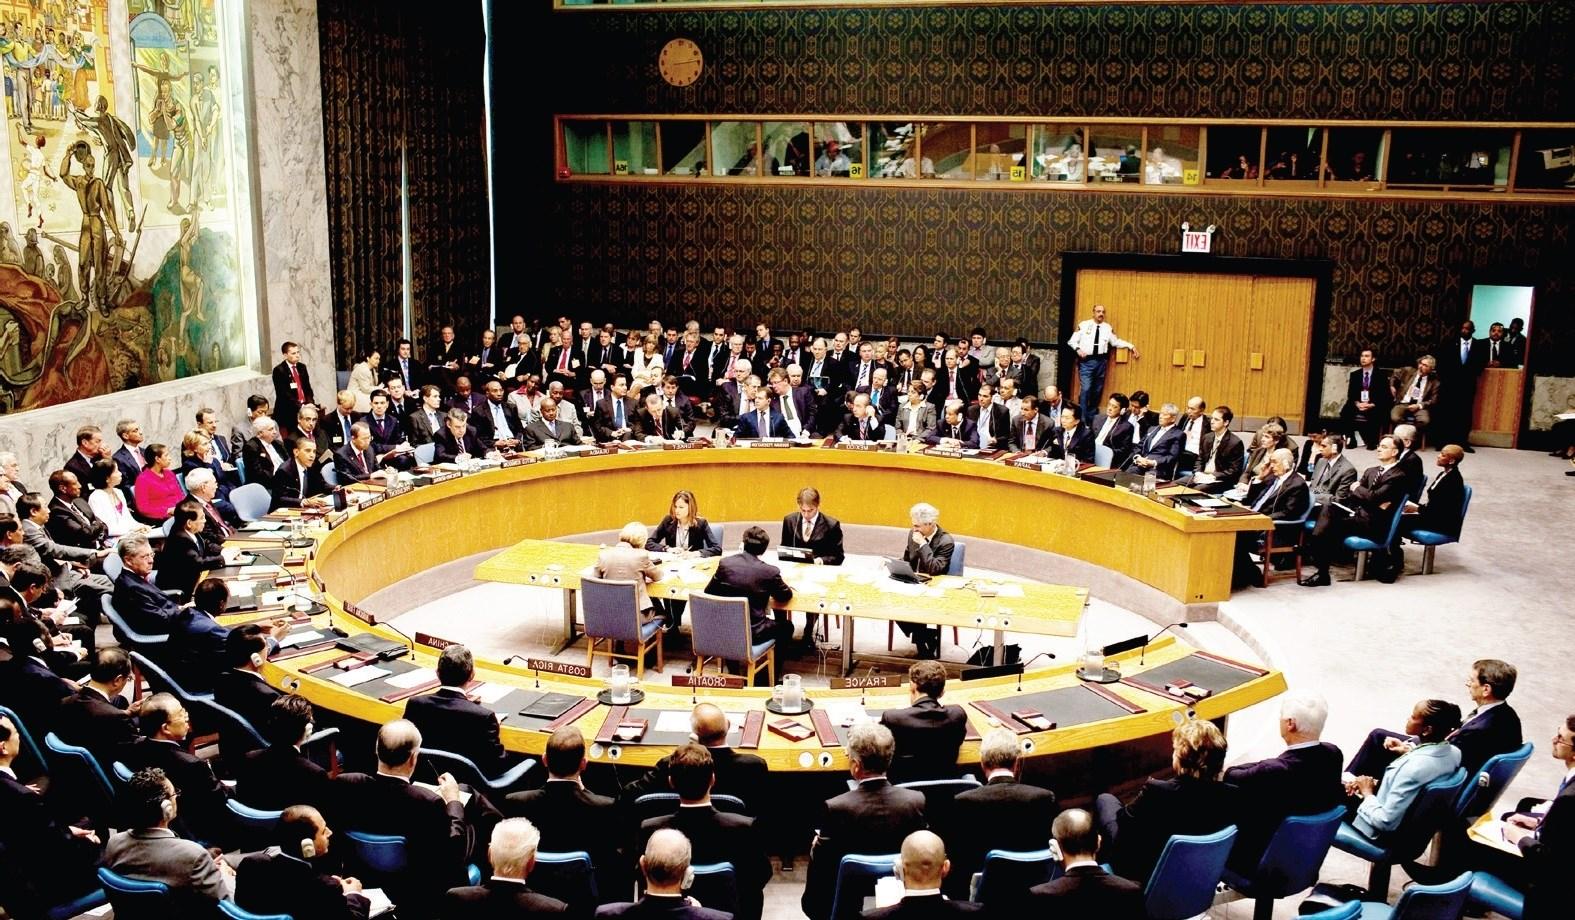 رئيس مجلس الأمن: مشروع القرار الألماني البلجيكي لم يمر